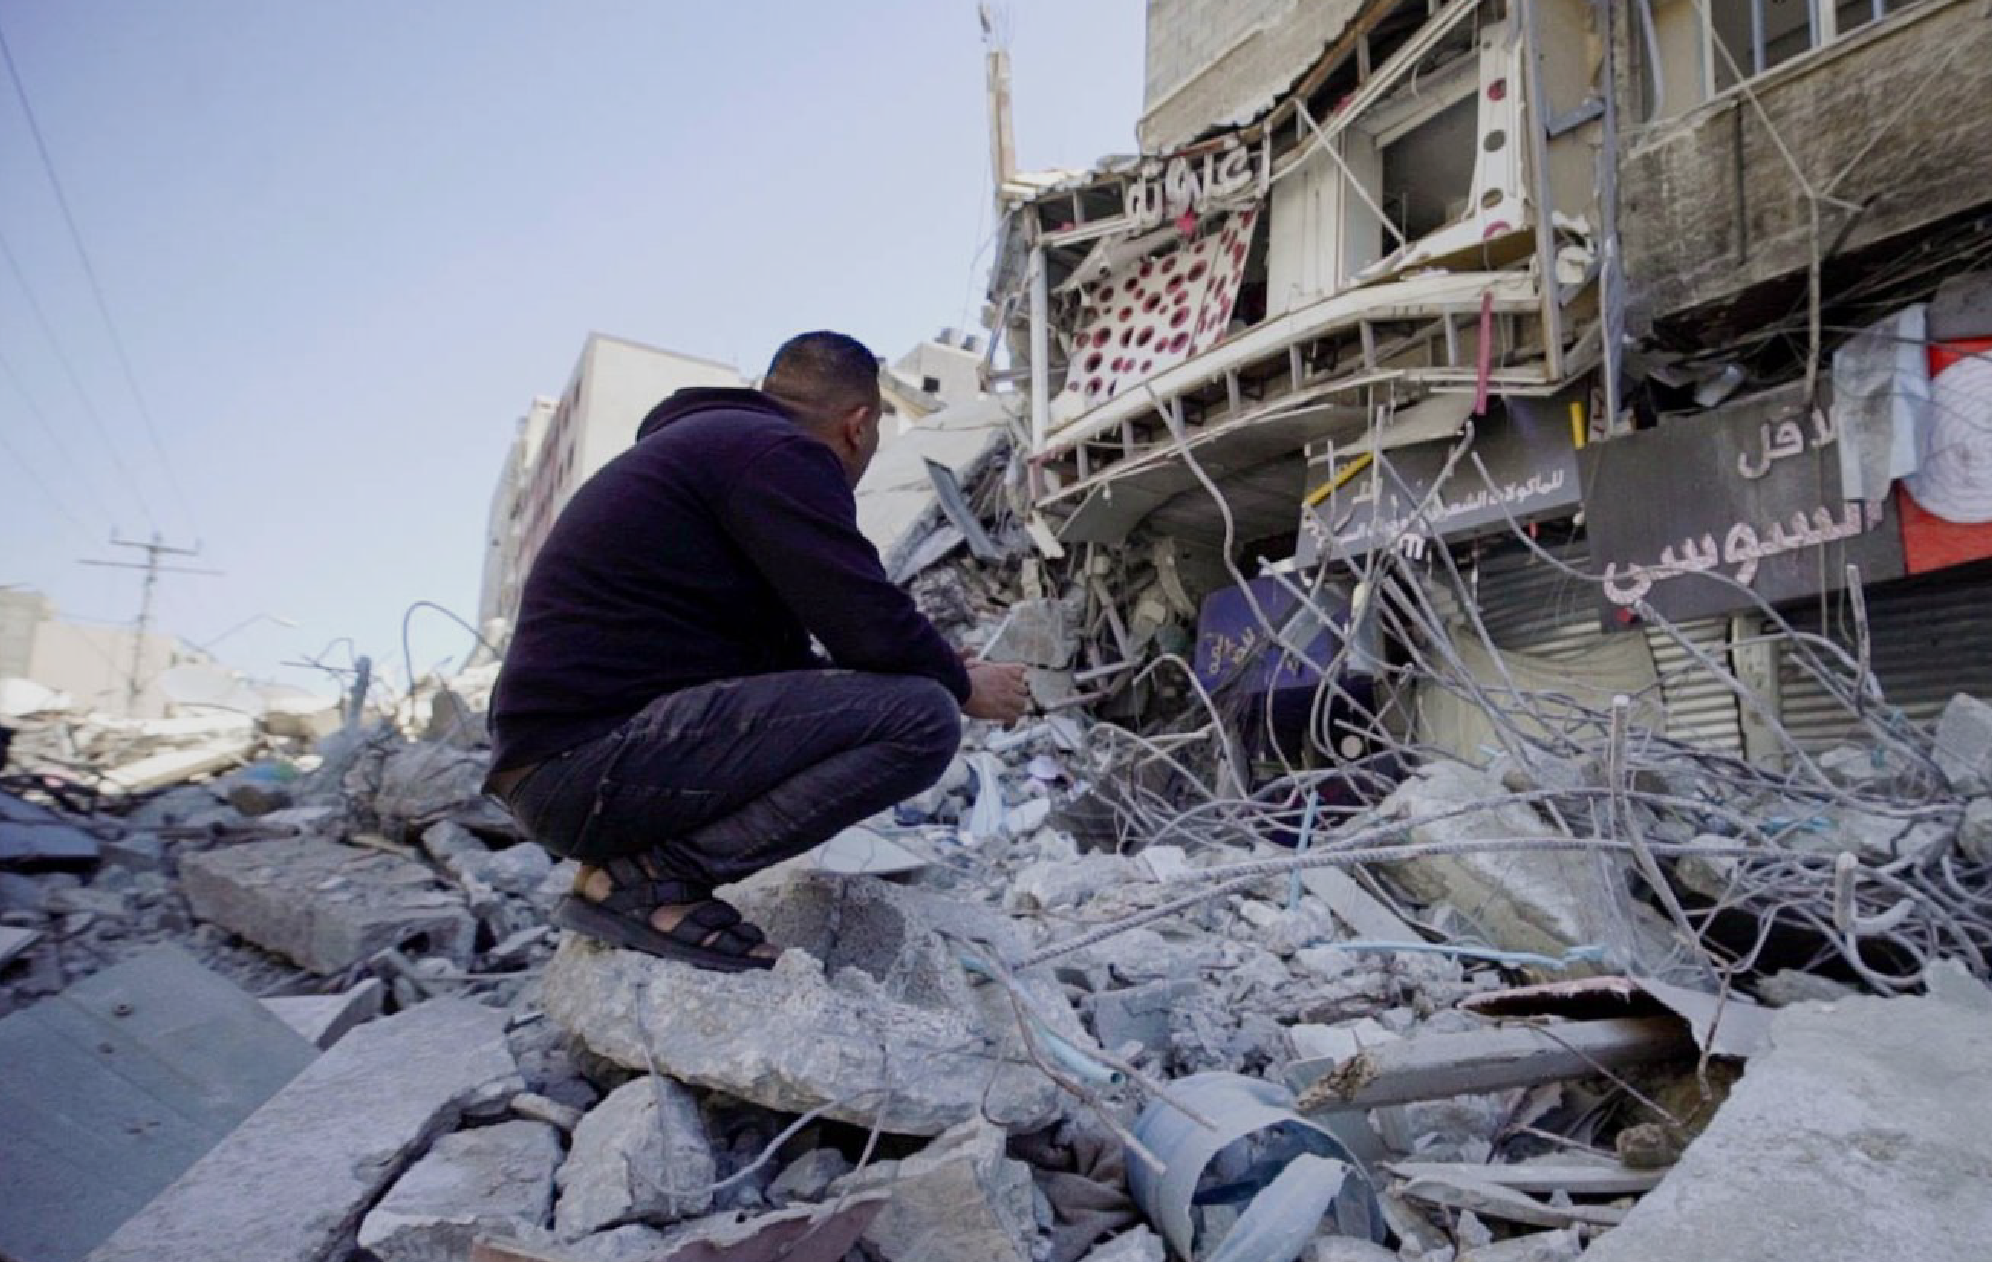 Gaza: Cese de los bombardeos, pero miles de vidas truncadas